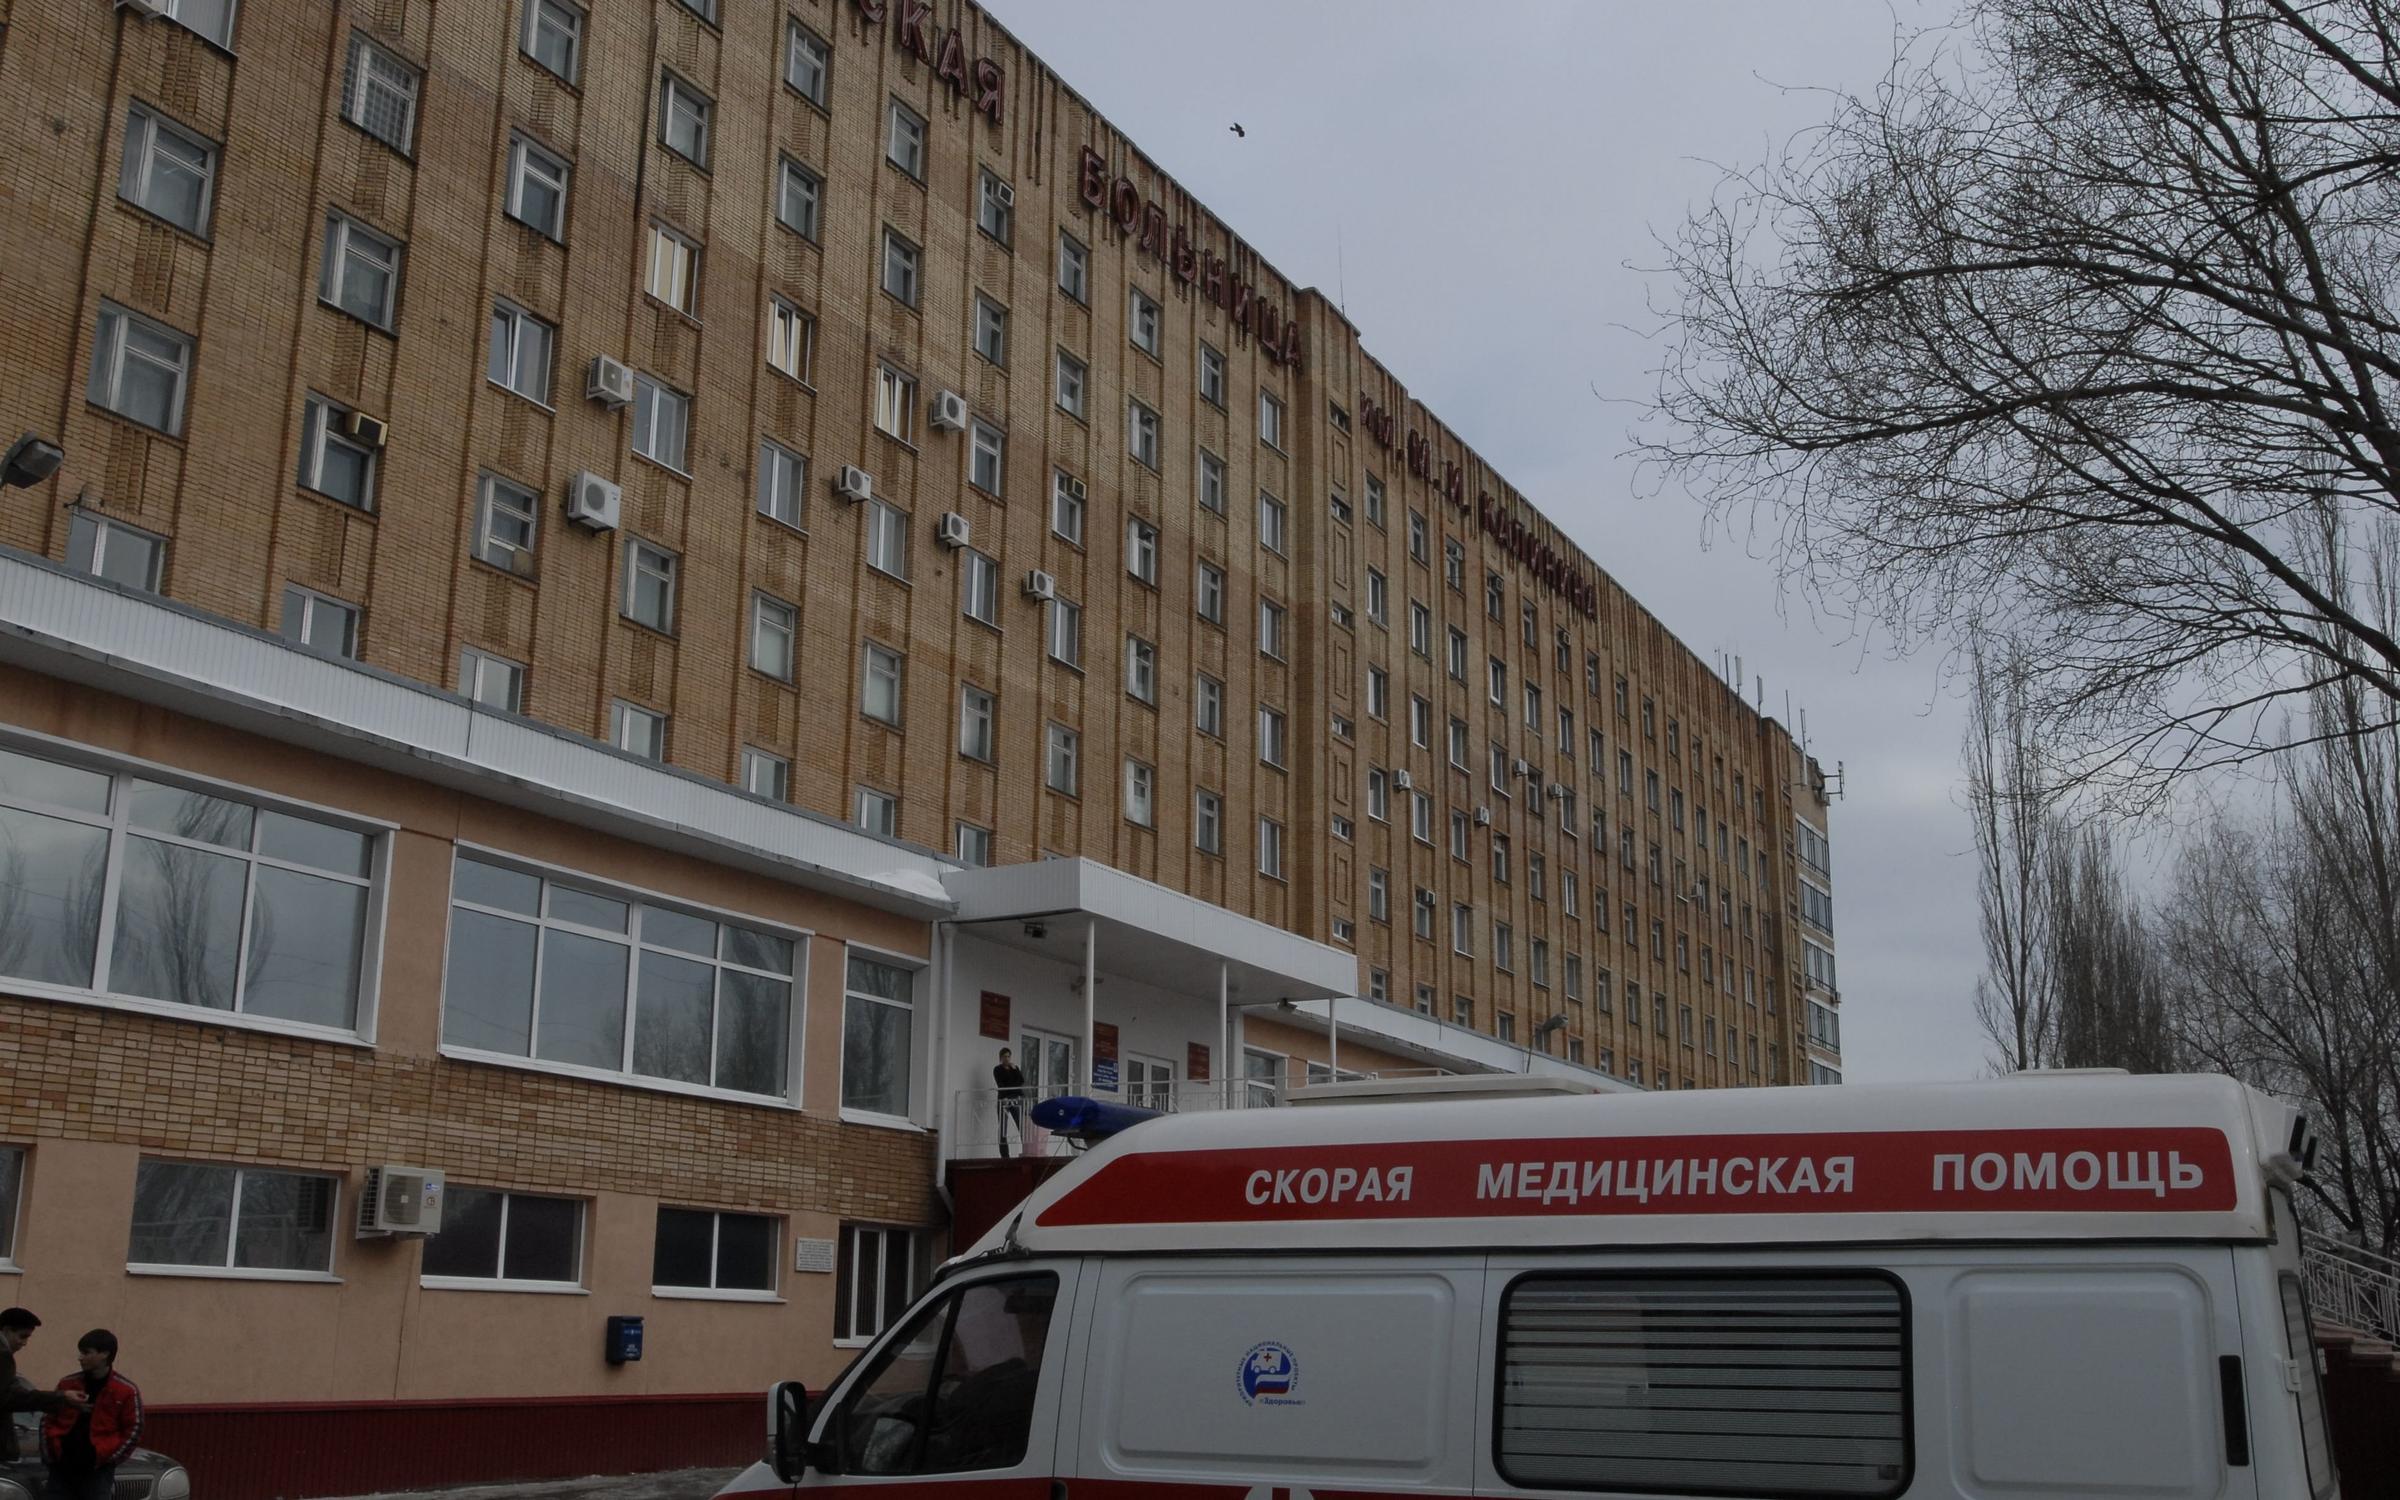 фотография Самарская областная клиническая больница им. Середавина на Ташкентской улице